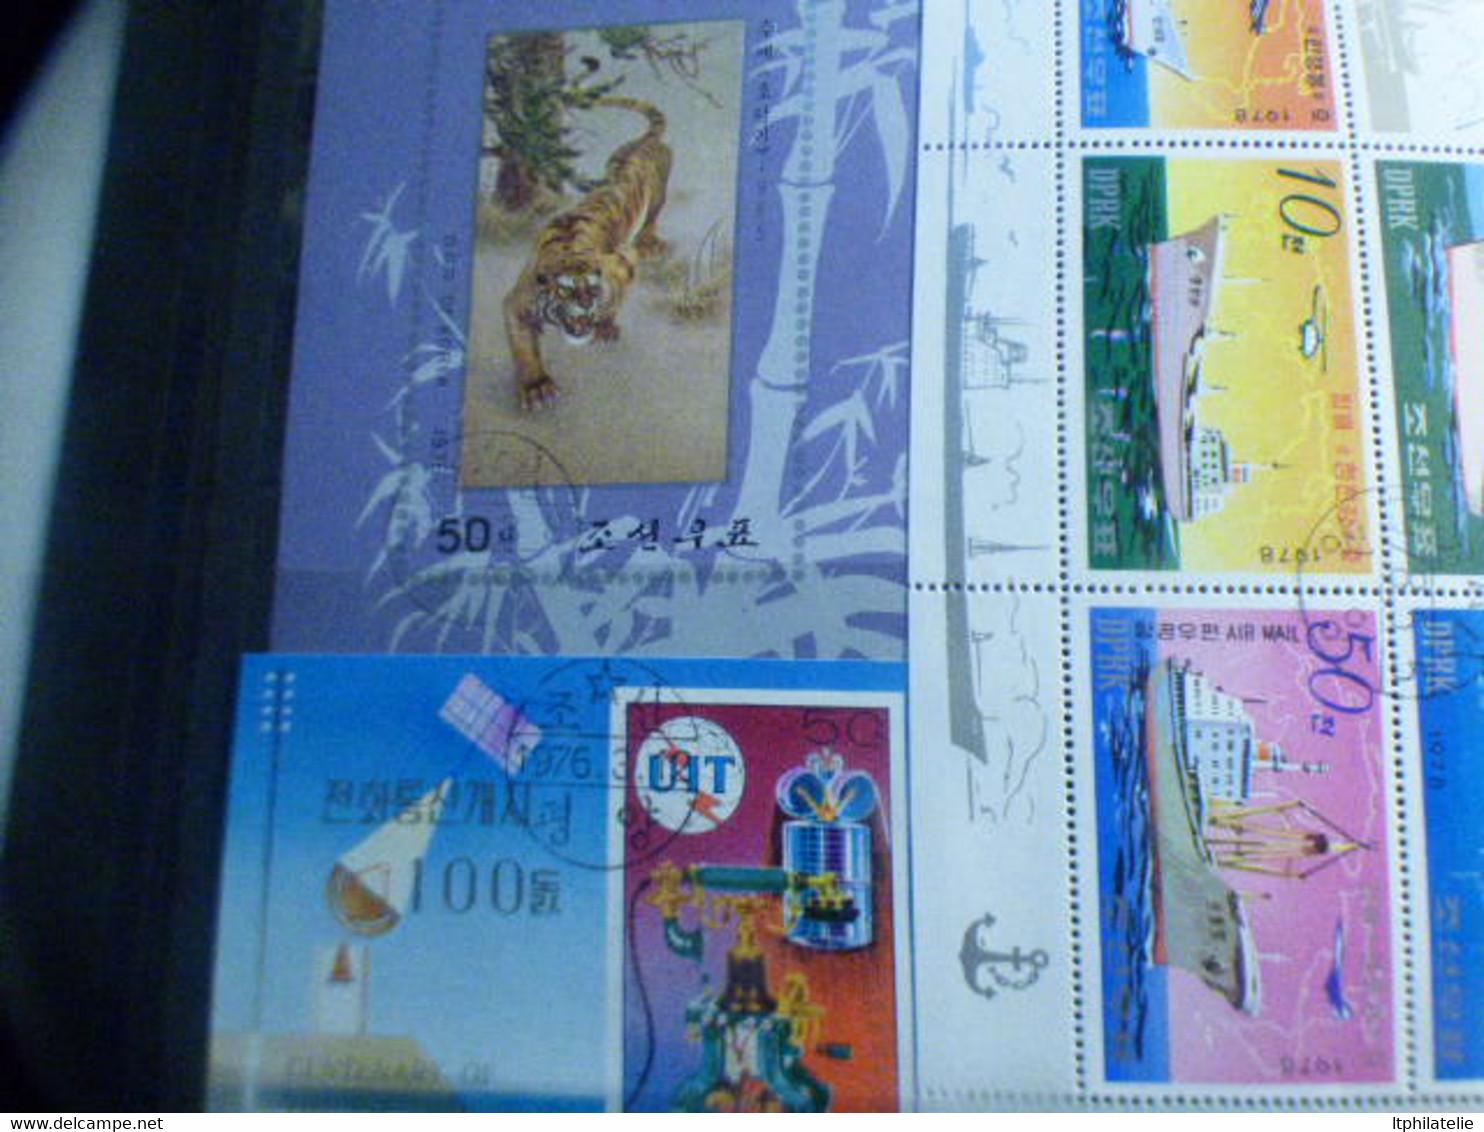 DESTOCKAGE- CLASSEUR  BEAUX TIMBRES ETBLOCS DU MONDE  THEMATIQUES GRENADE COREE  MALDIVES NEUFS ET OBLITERES - Collections (without Album)